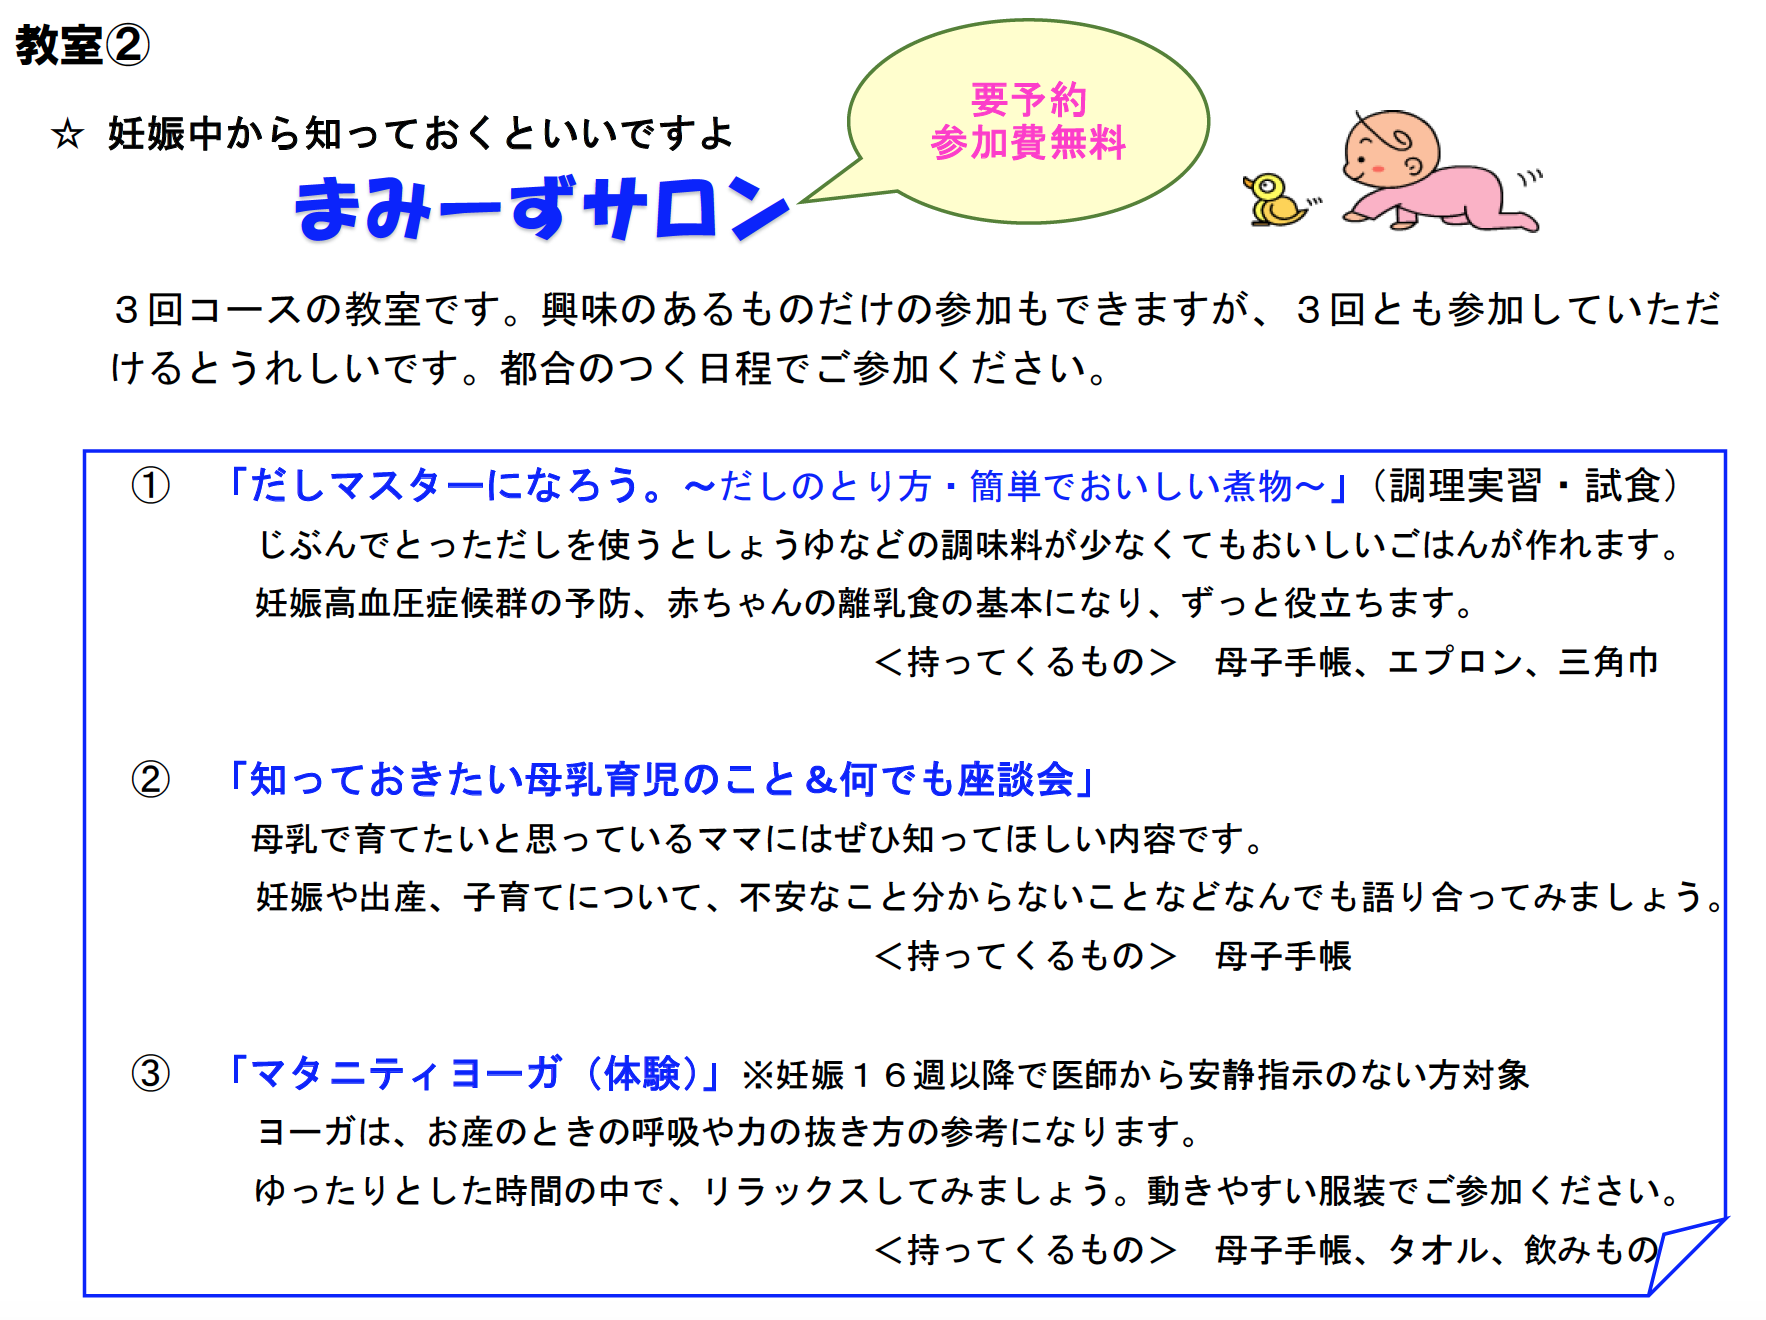 マタニティヨーガ(体験)(12月17日) - まみーずサロン